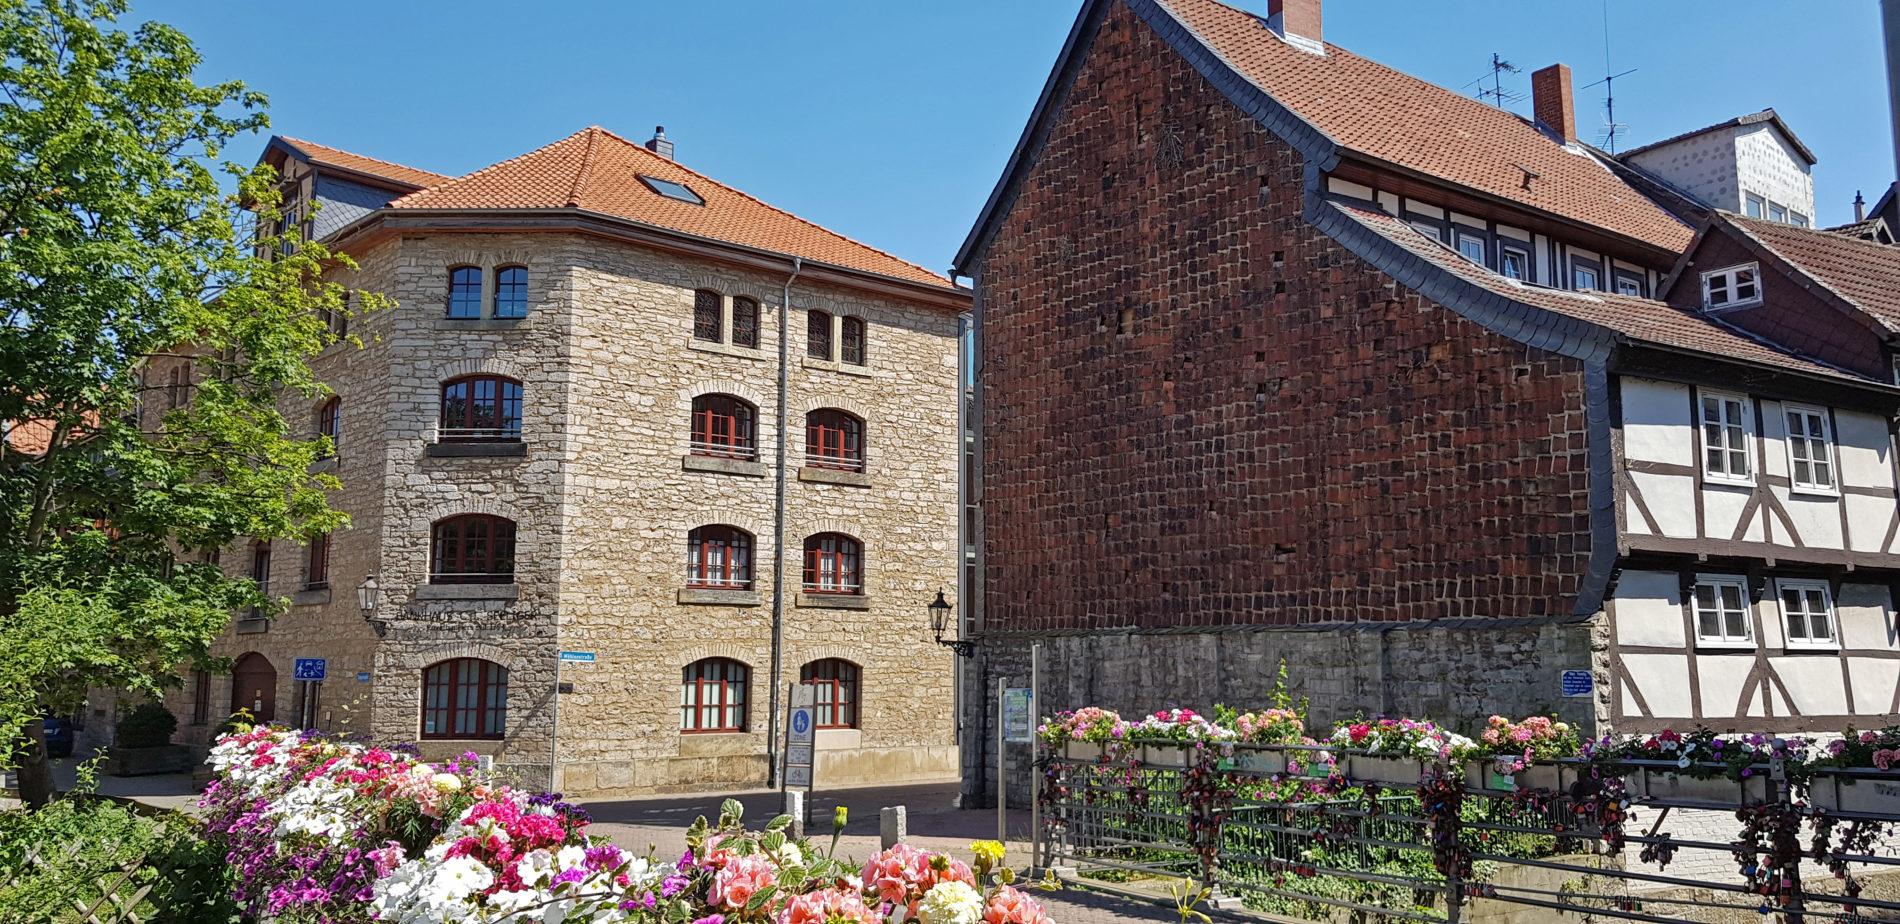 Links das Bankhaus Seeliger von hinten, rechts ein Fachwerkhaus, im Vordergrund Blumen